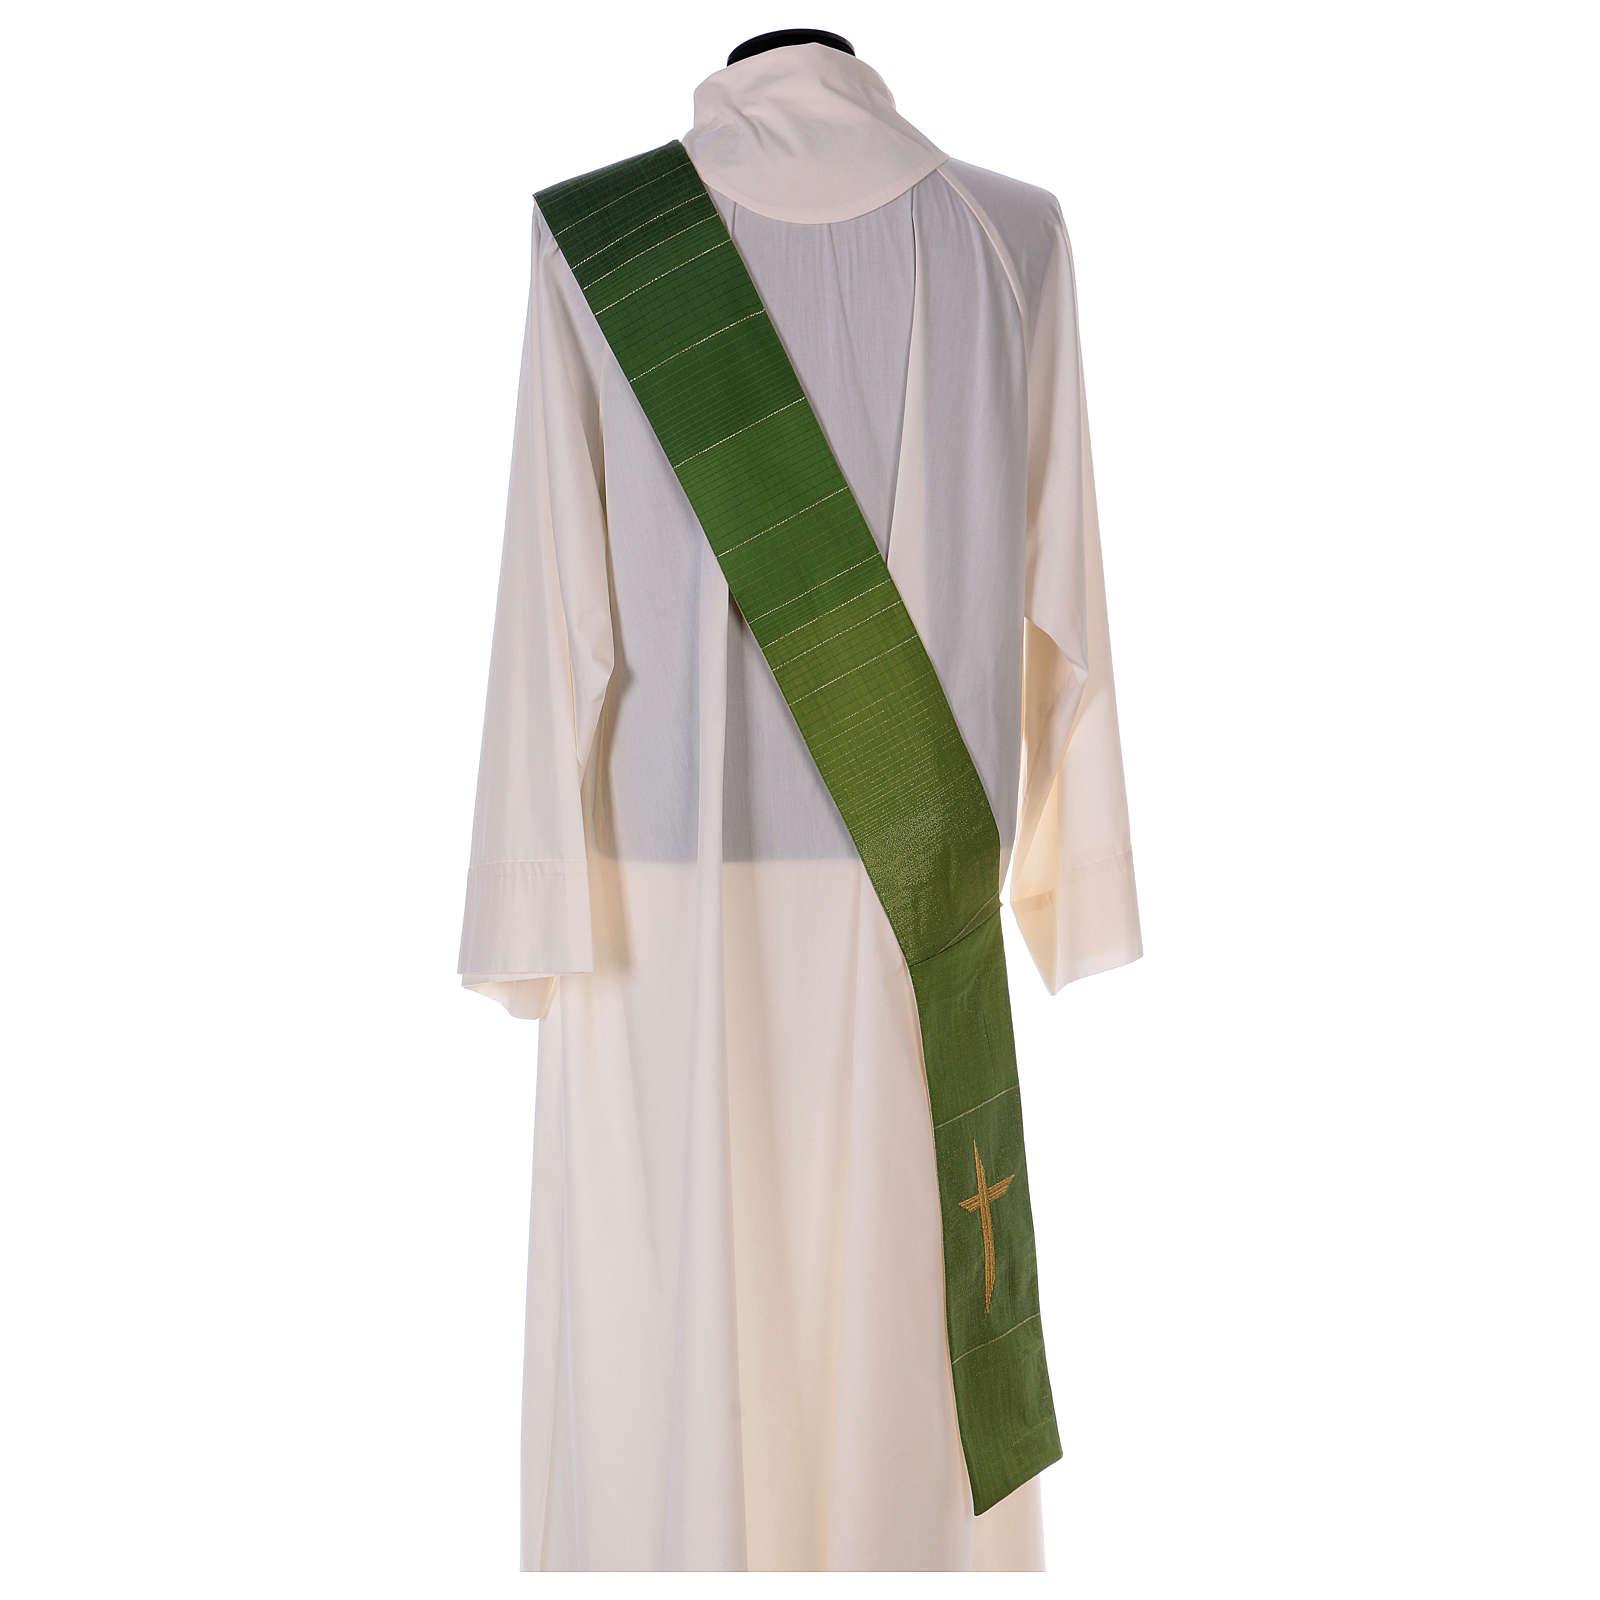 Zweifarbige Diakonstola Wolle und Lurex mit Kreuz 4